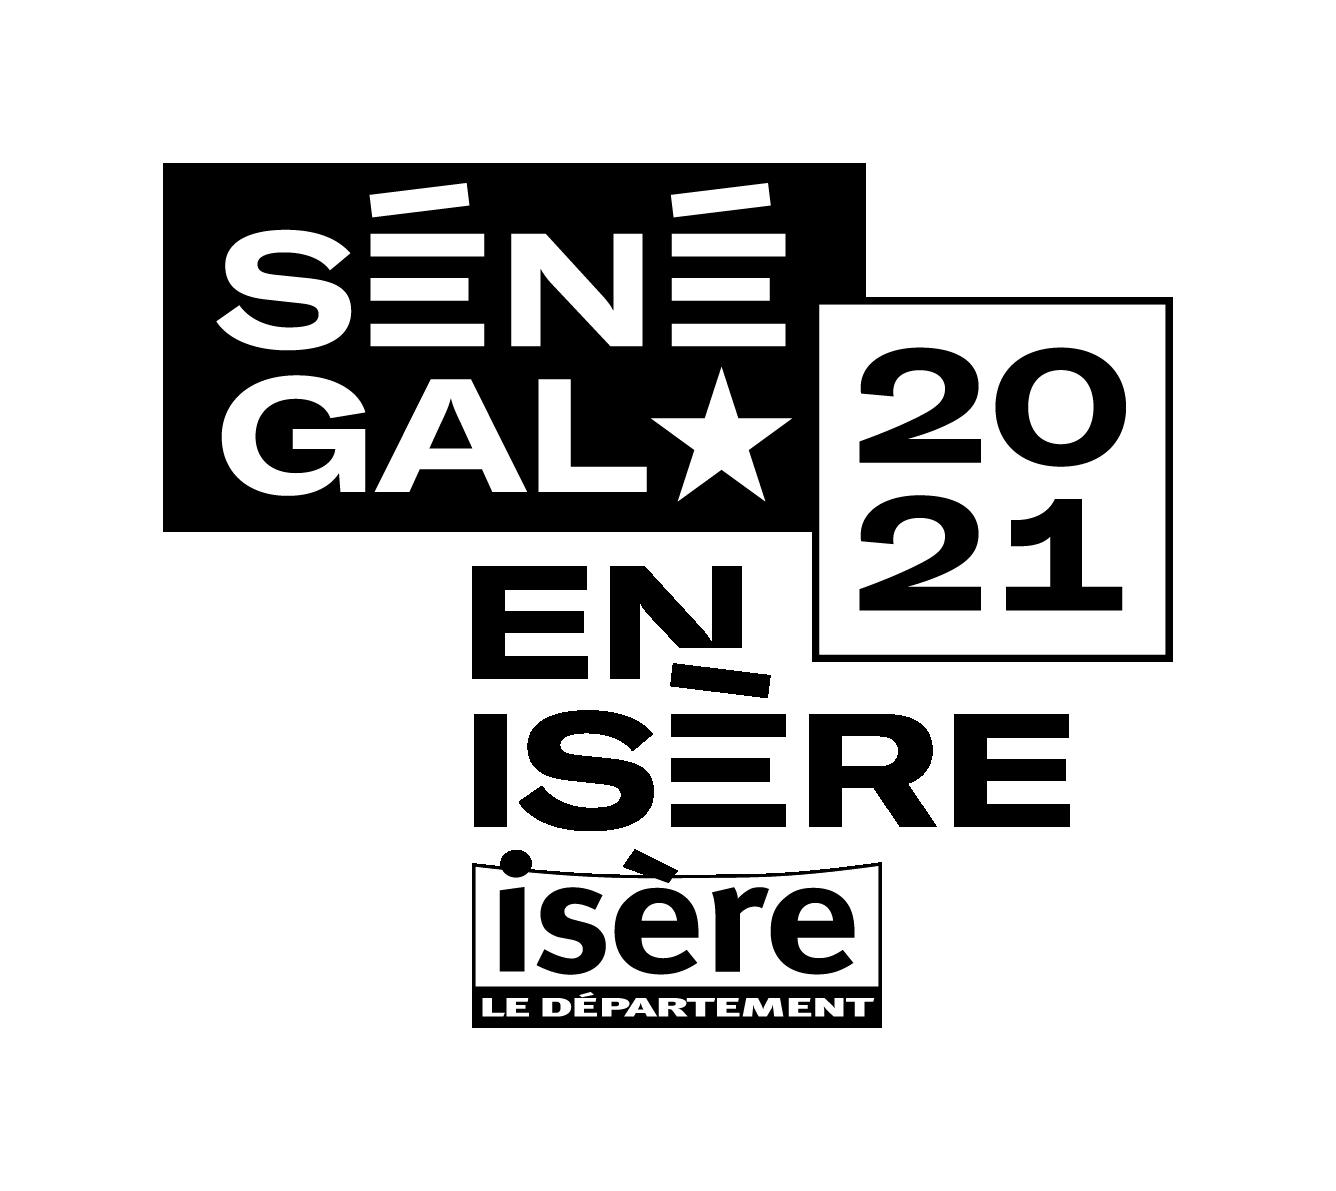 Sénégal 20-21